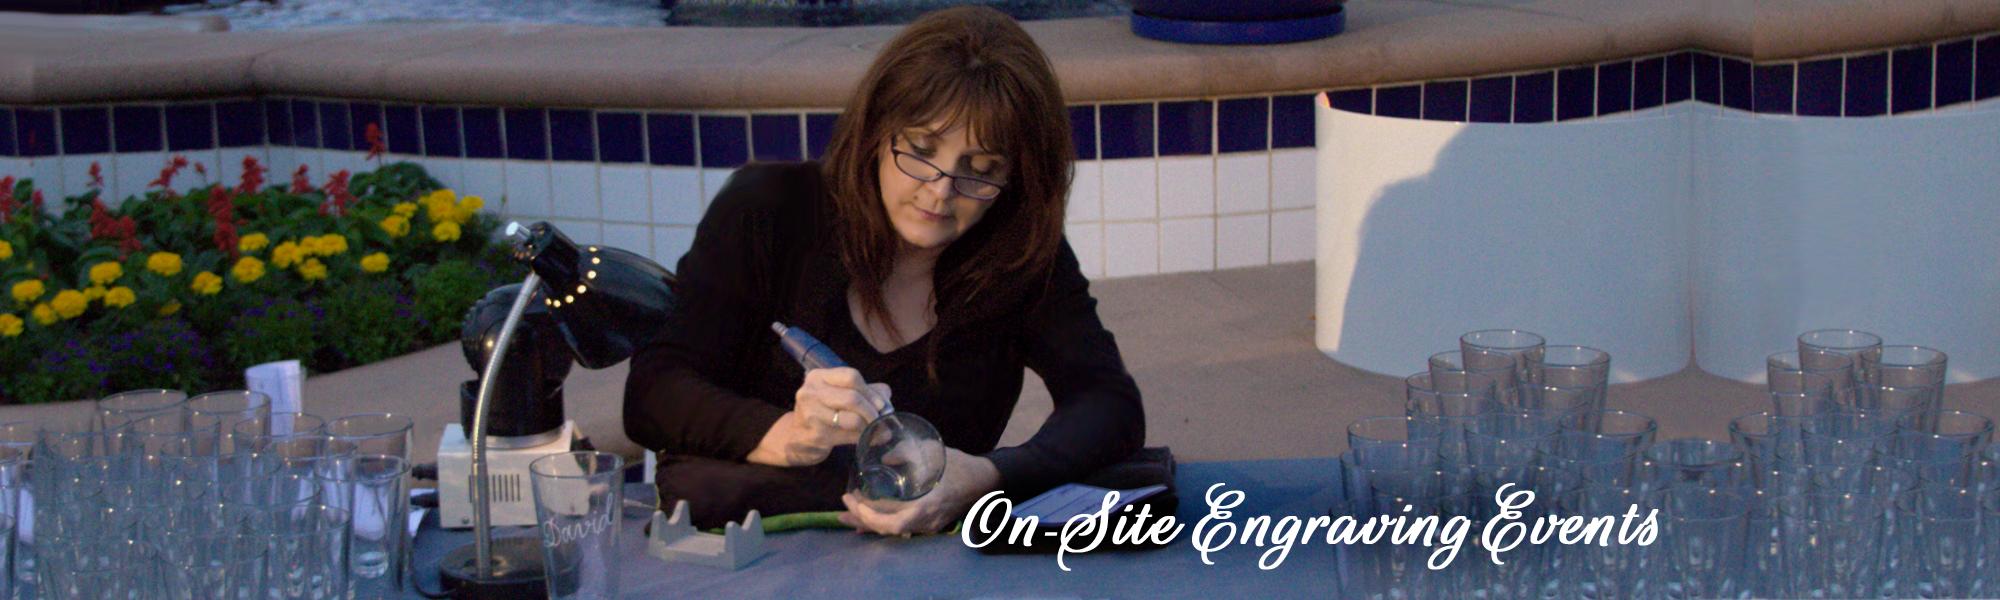 Onsite Engravers Los Angeles